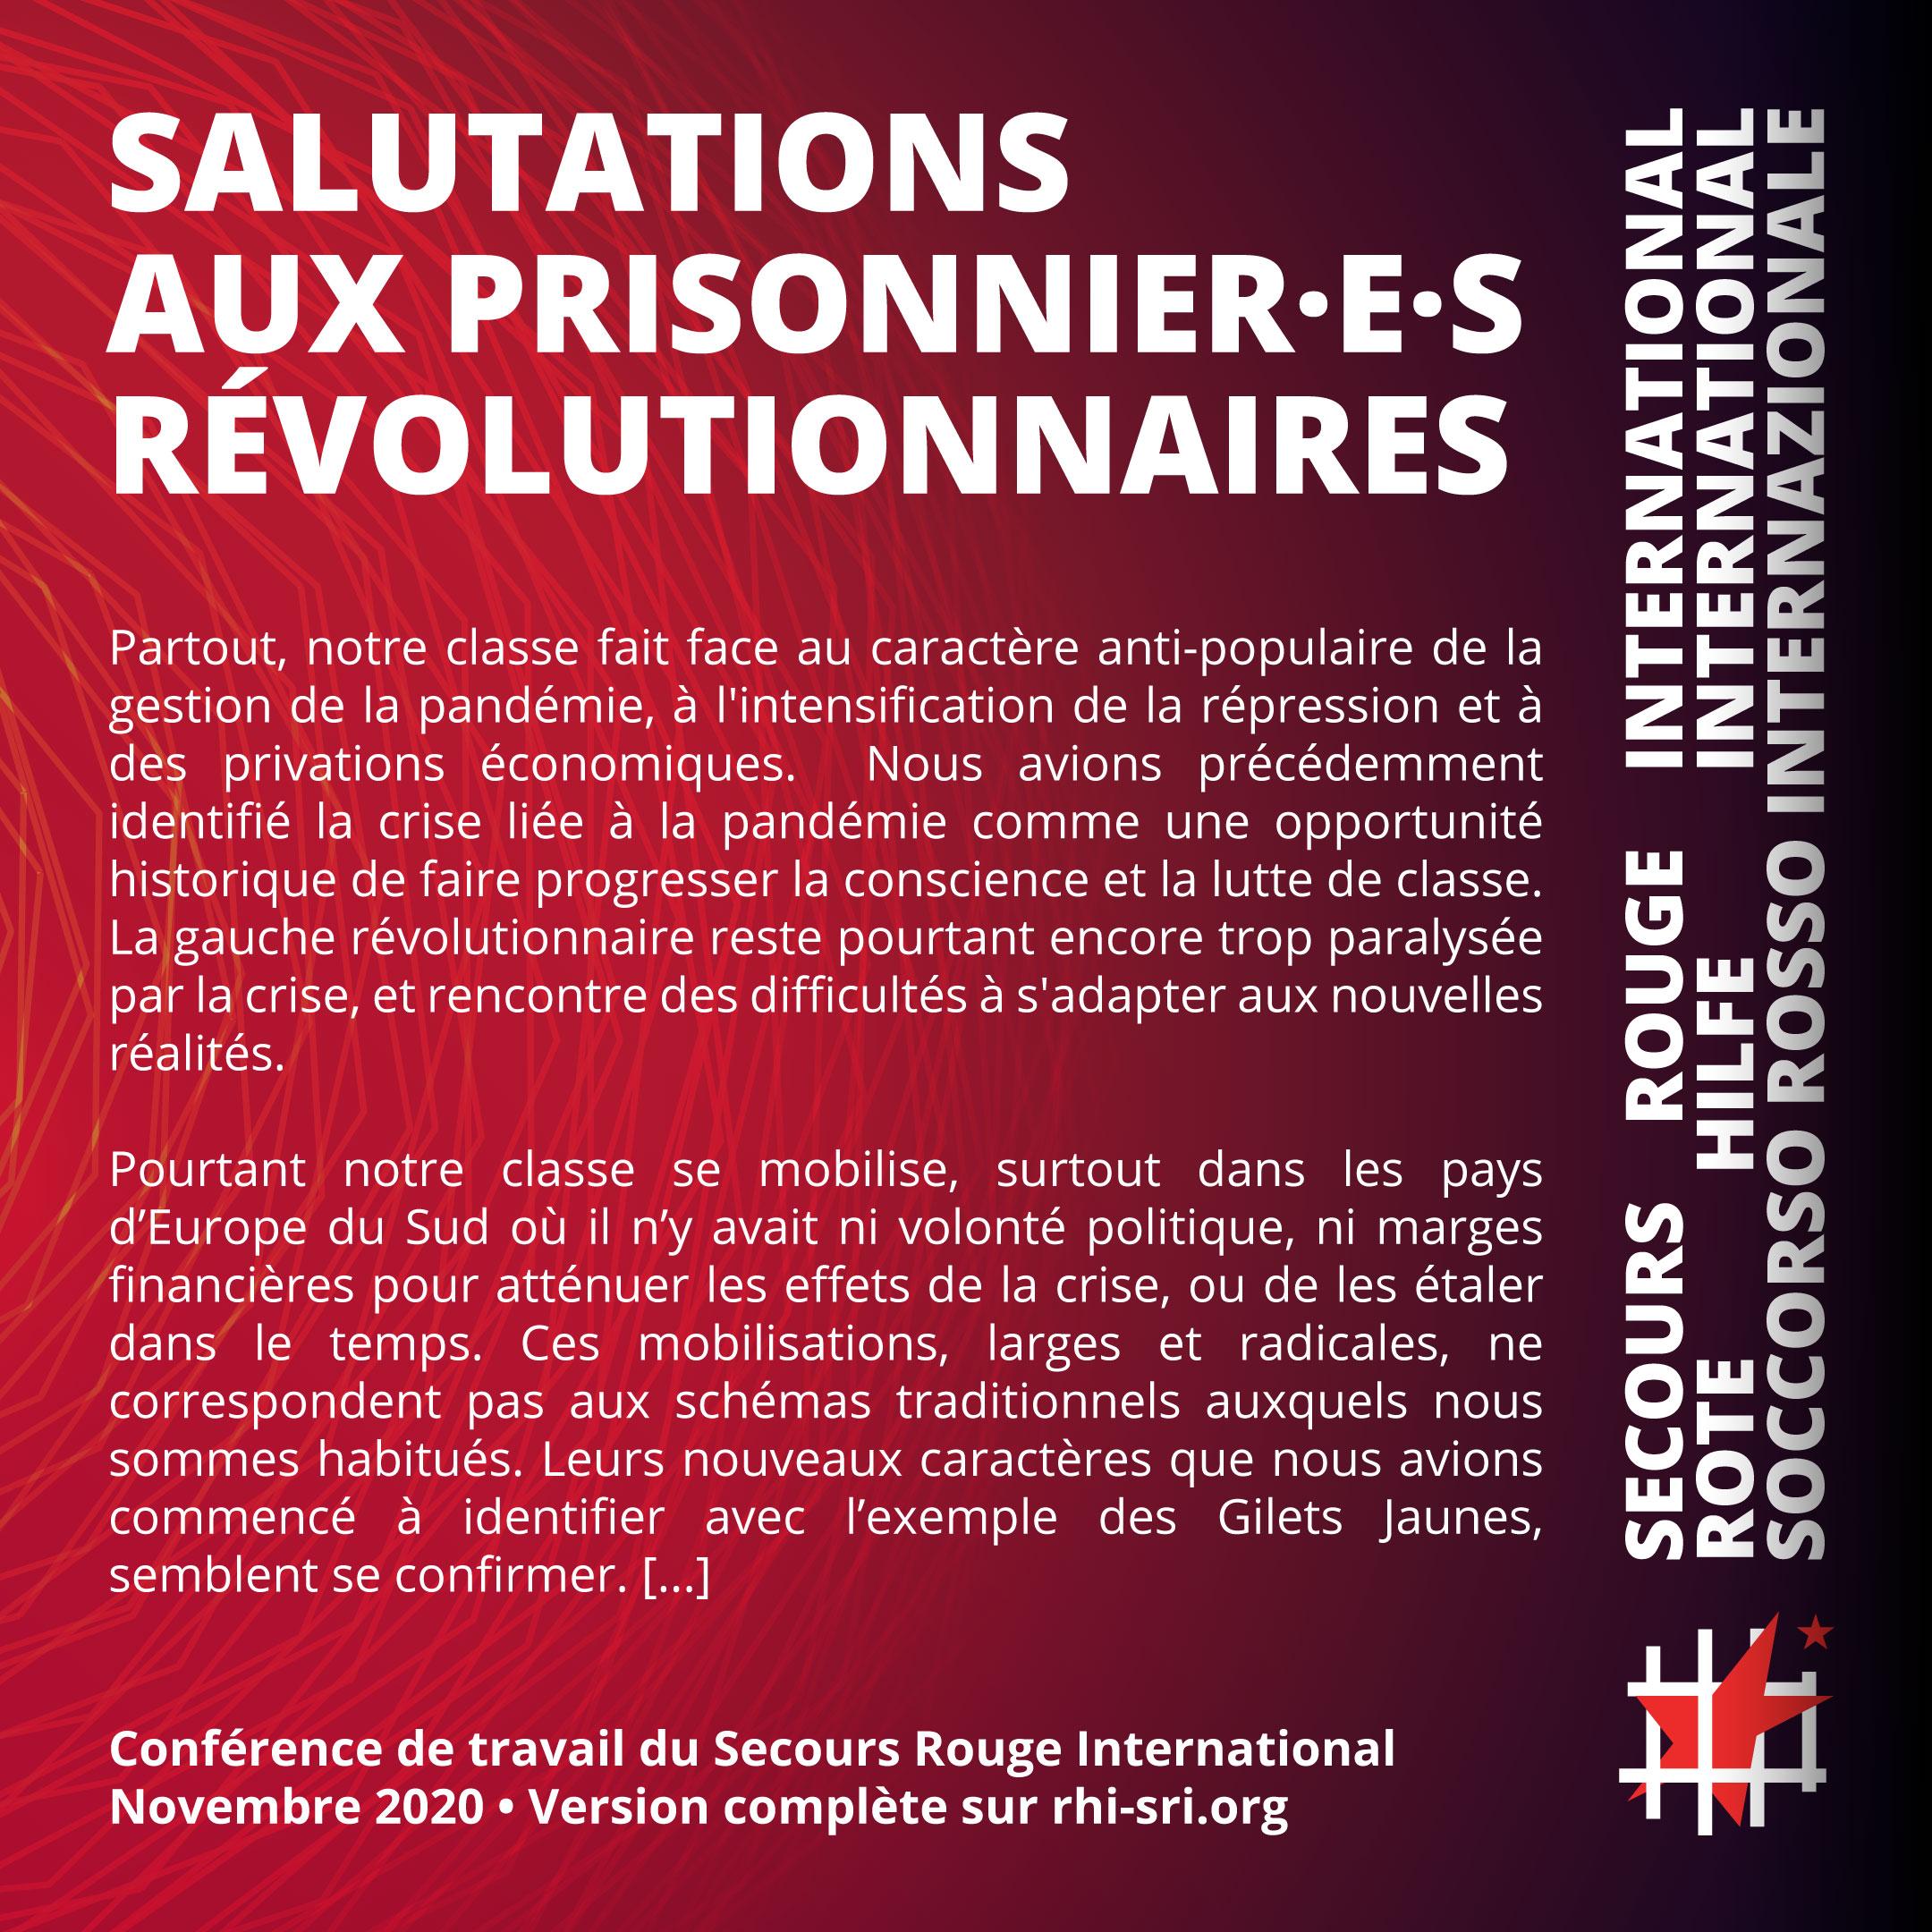 Salutations aux prisonnier·e·s révolutionnaires à la Conférence du SRI, novembre 2020